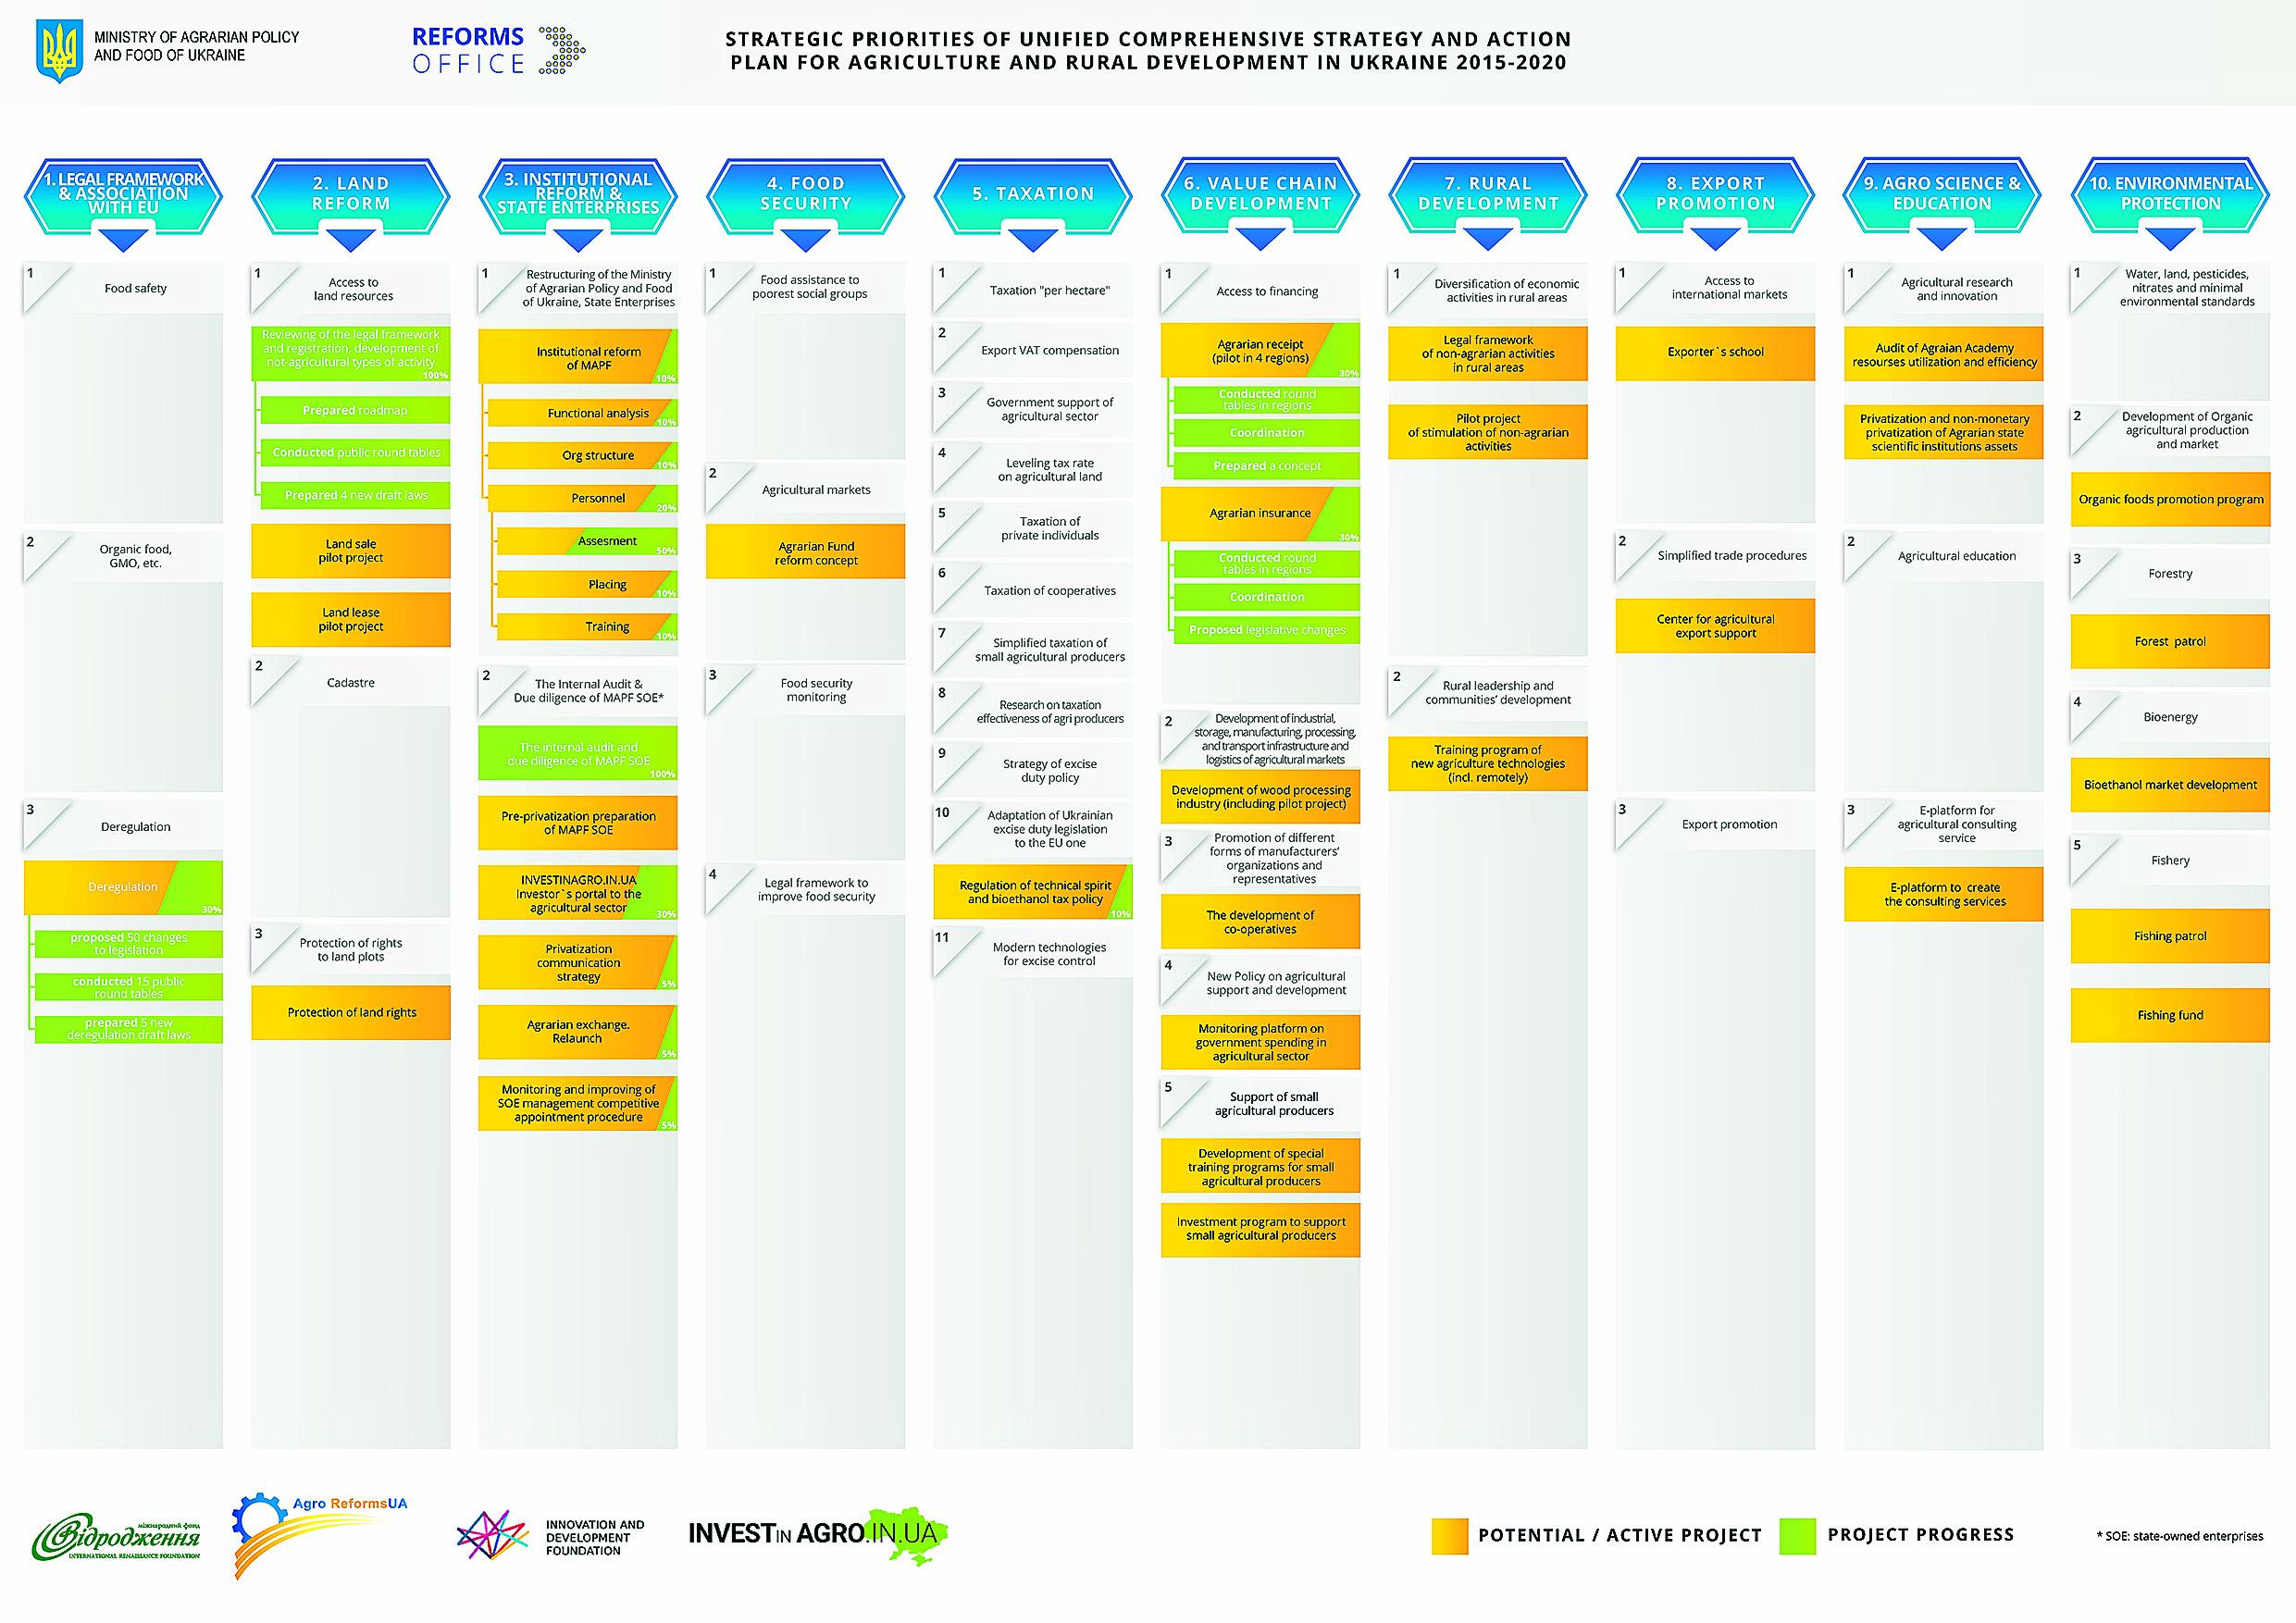 План развития аграрной отрасли Украины 2015-2020 гг.(кликните для увеличения)